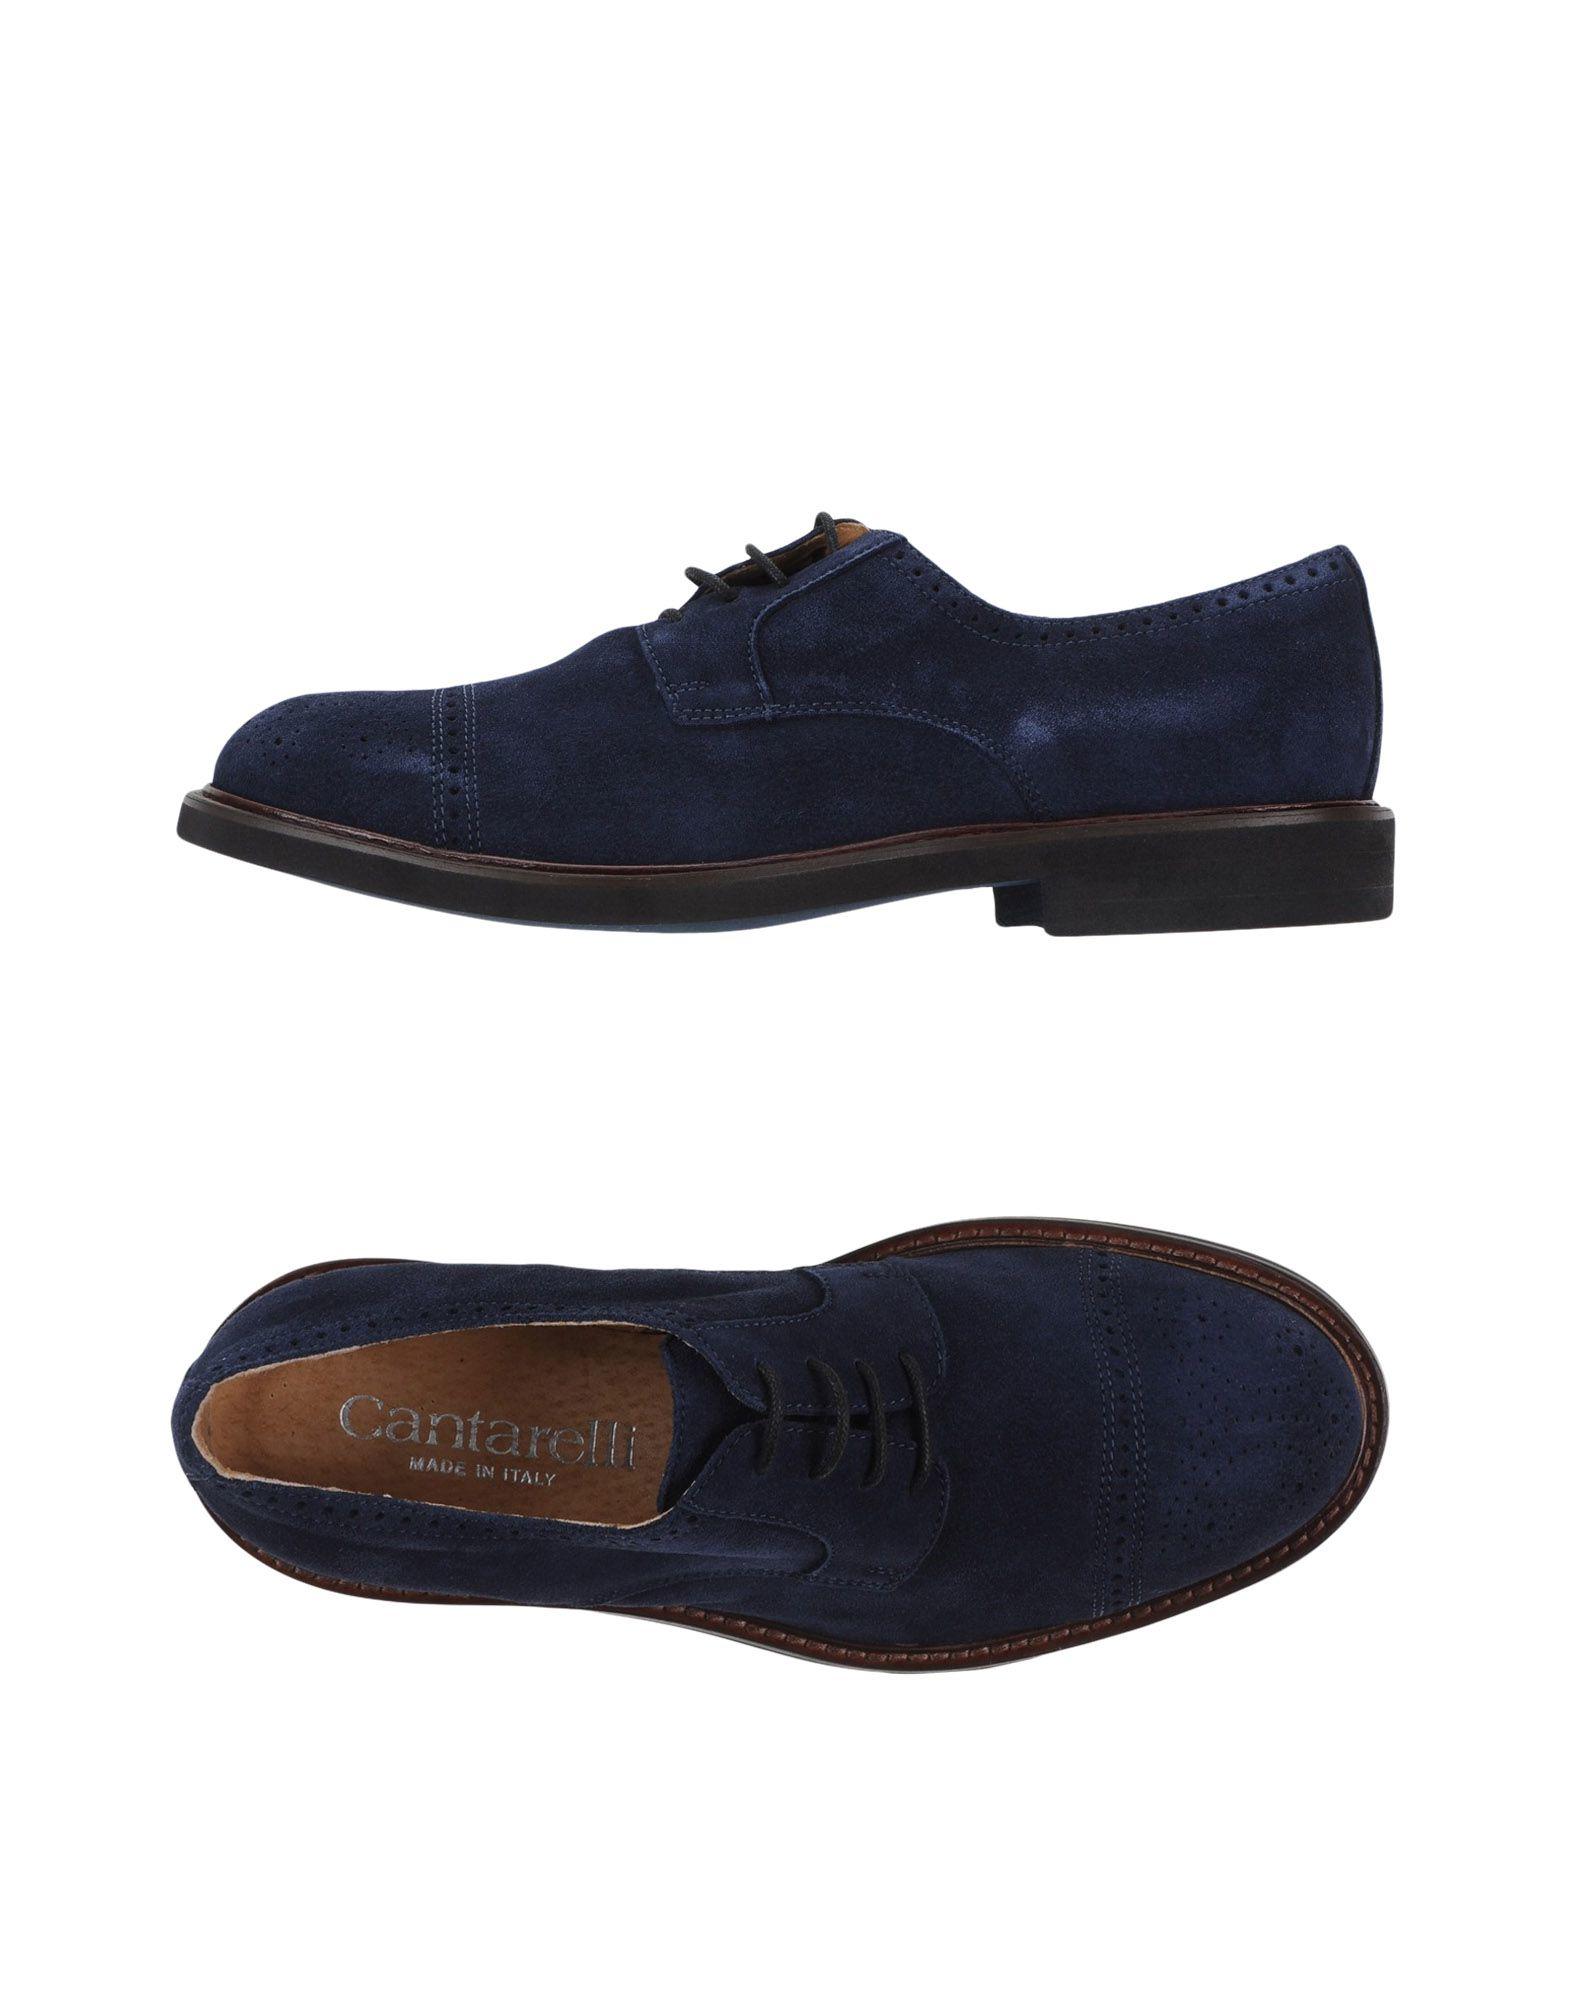 Cantarelli Mens Shoes